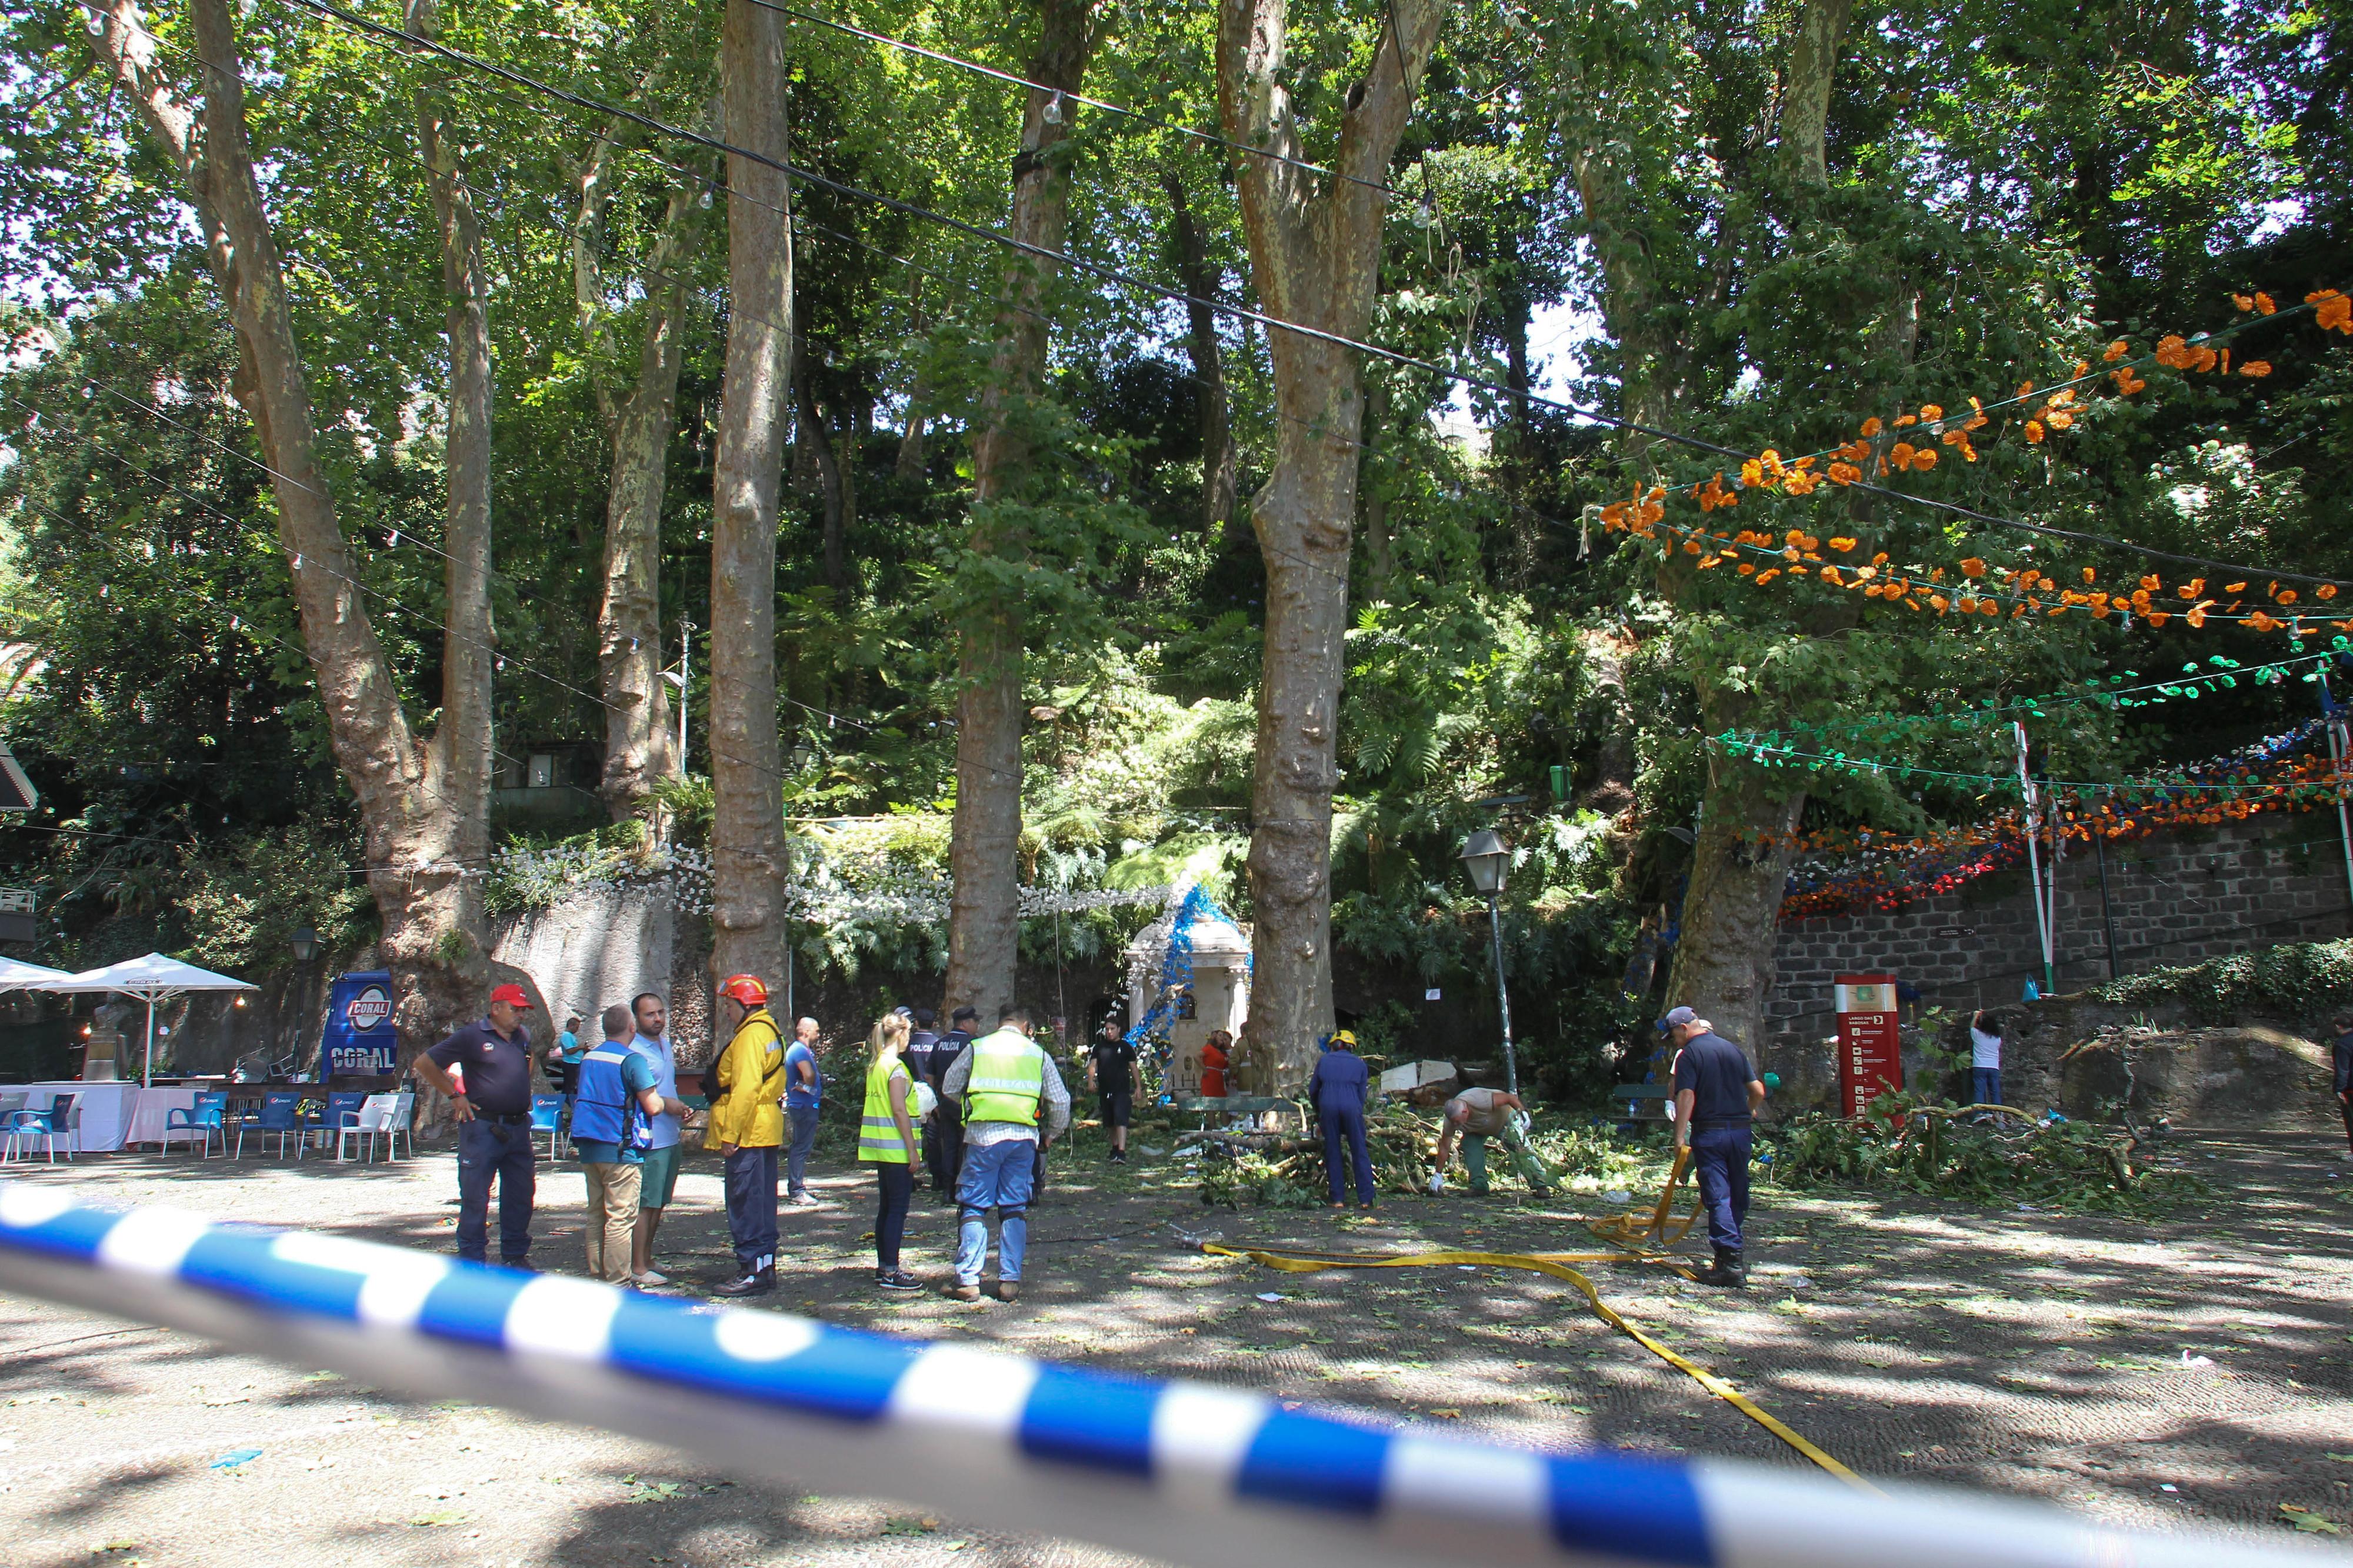 Quatro testemunhas ouvidas hoje no caso da queda da árvore no Monte